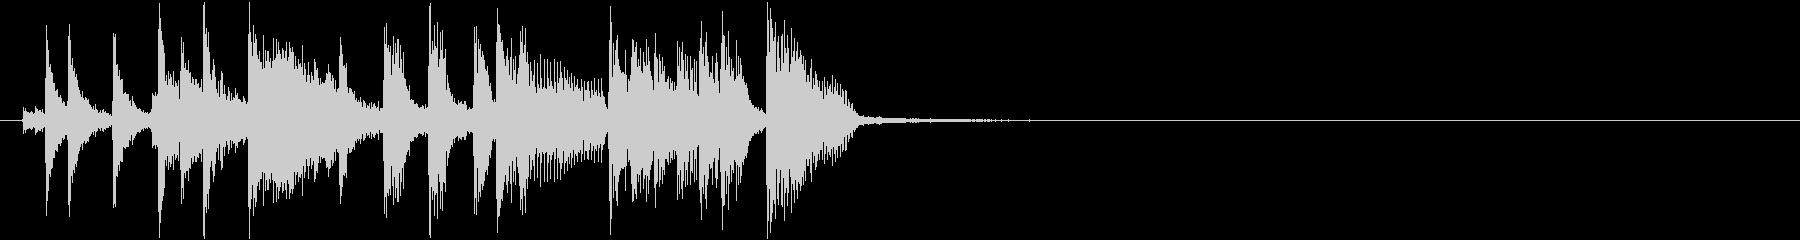 場面転換をするトランペットのアイキャッチの未再生の波形